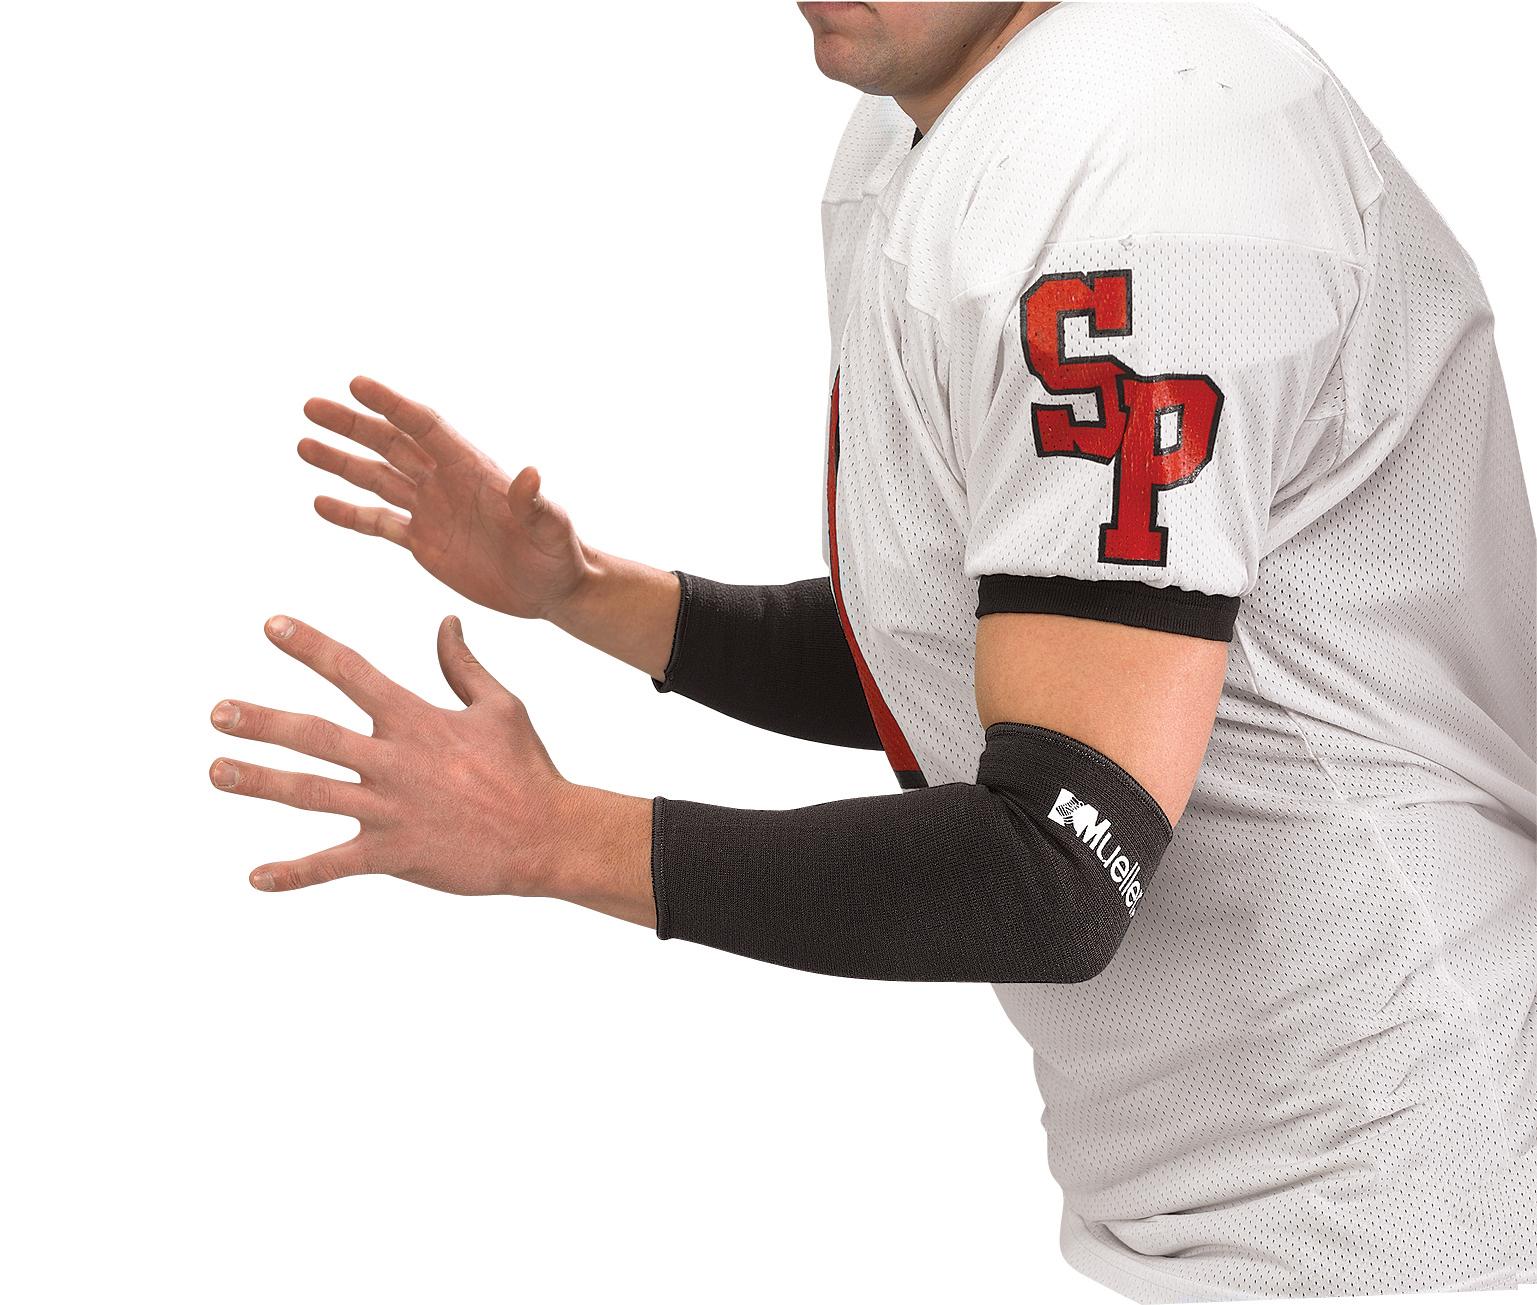 turf-sleeve-white-pair-lg-4116lg-74676411019-lr.jpg